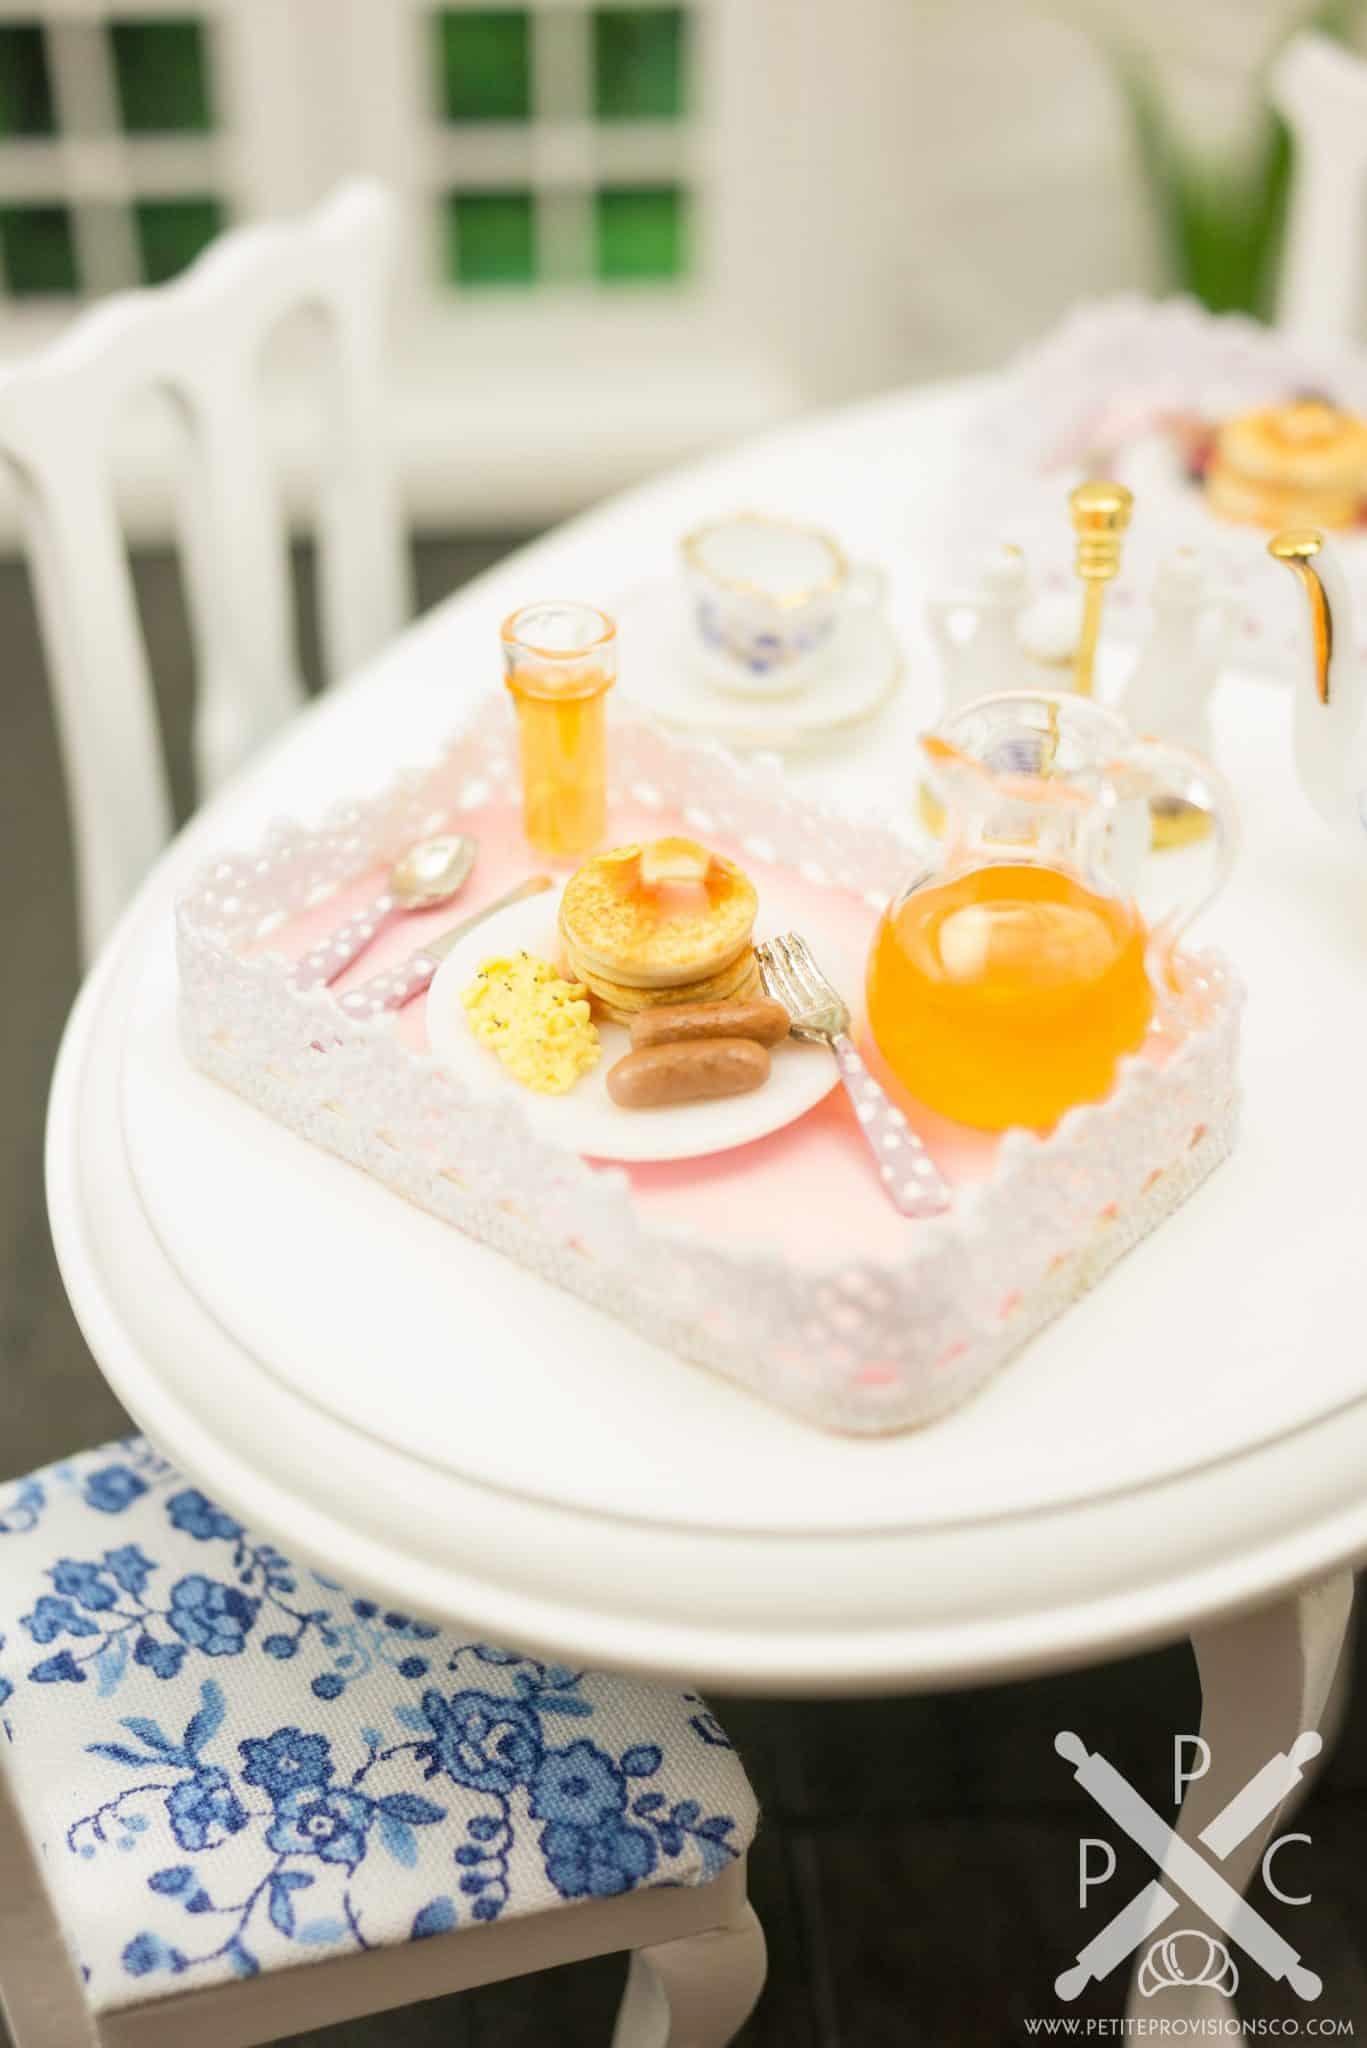 pancake-eggs-sausage-platter-02